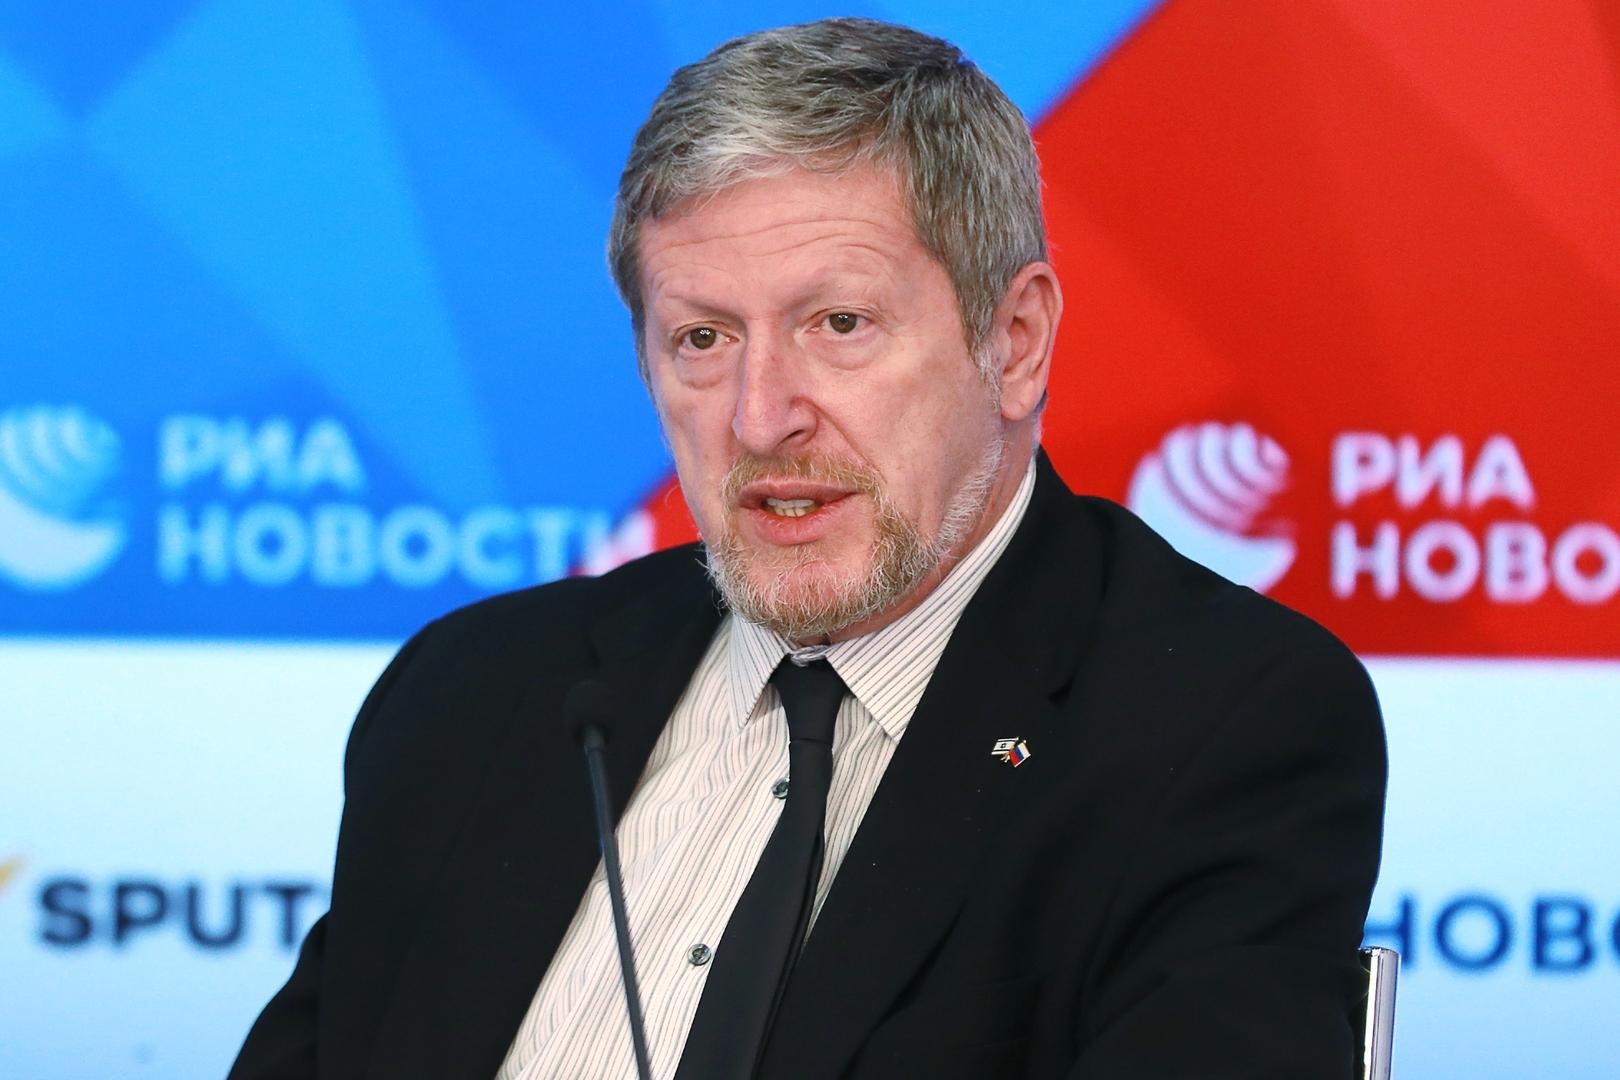 السفير الإسرائيلي لدى روسيا، ألكسندر بن تسفي